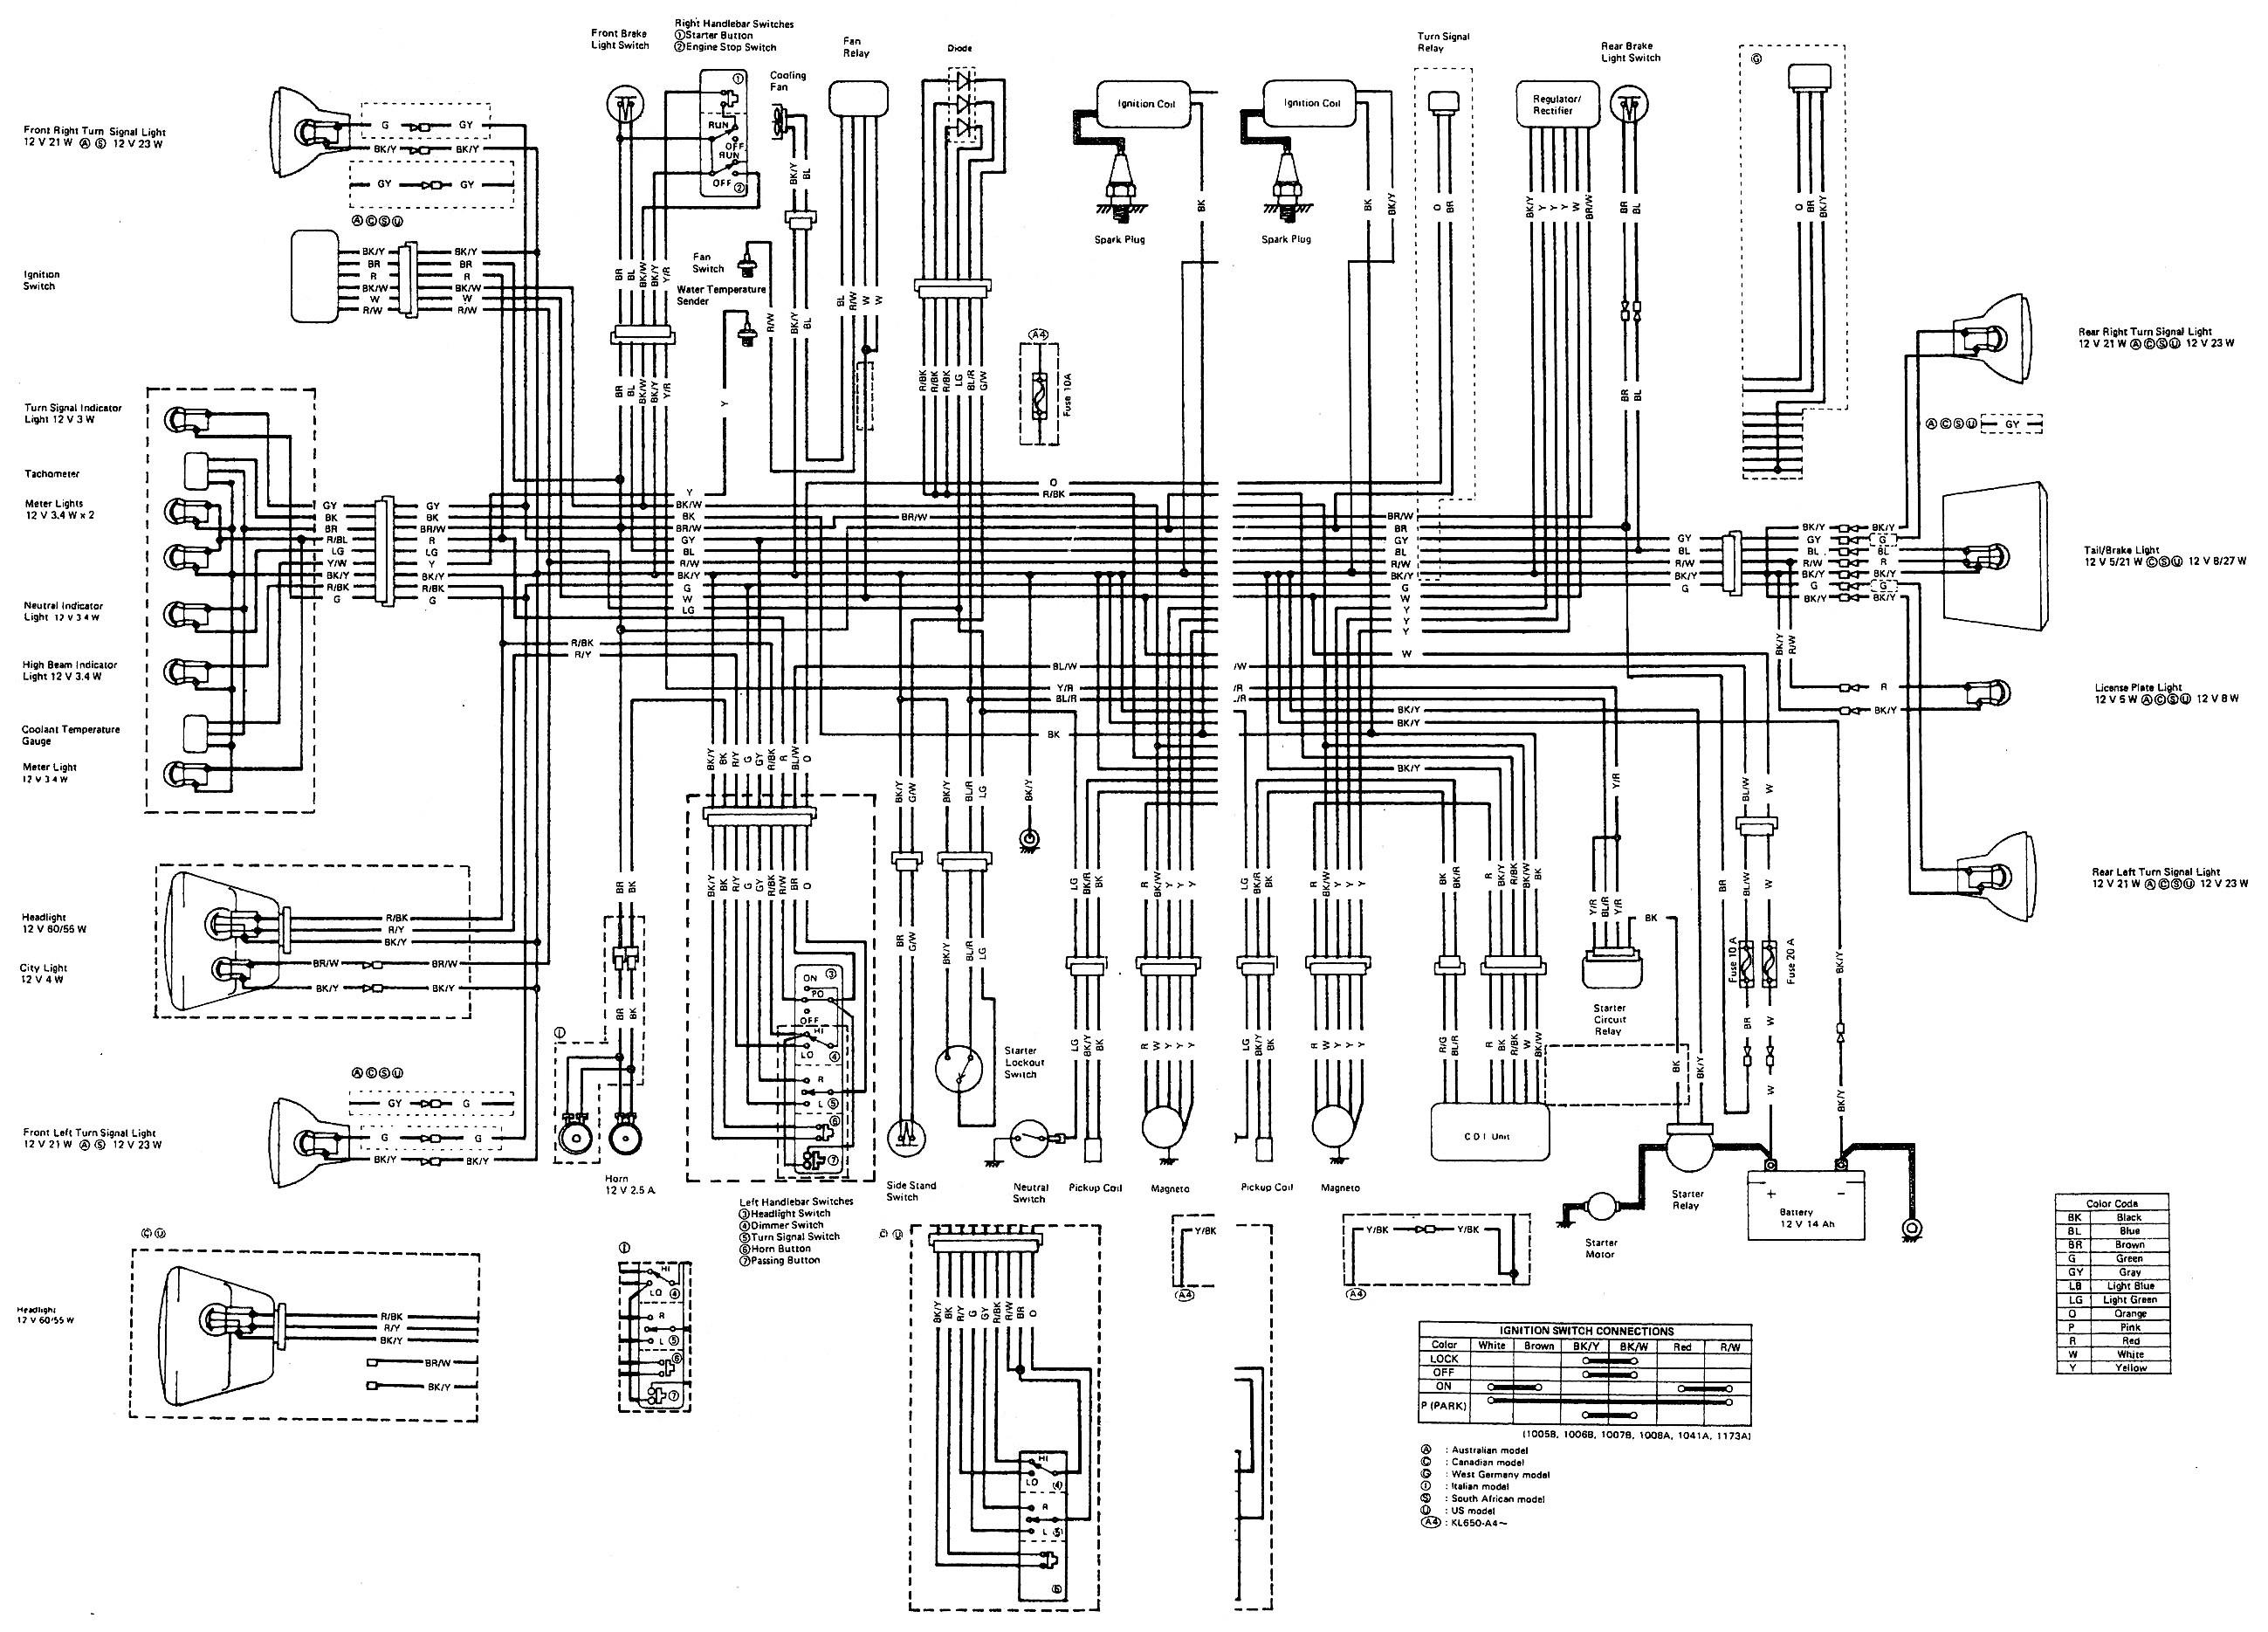 kawasaki klr 650 wiring diagram on 97 f150 trailer wiring diagram